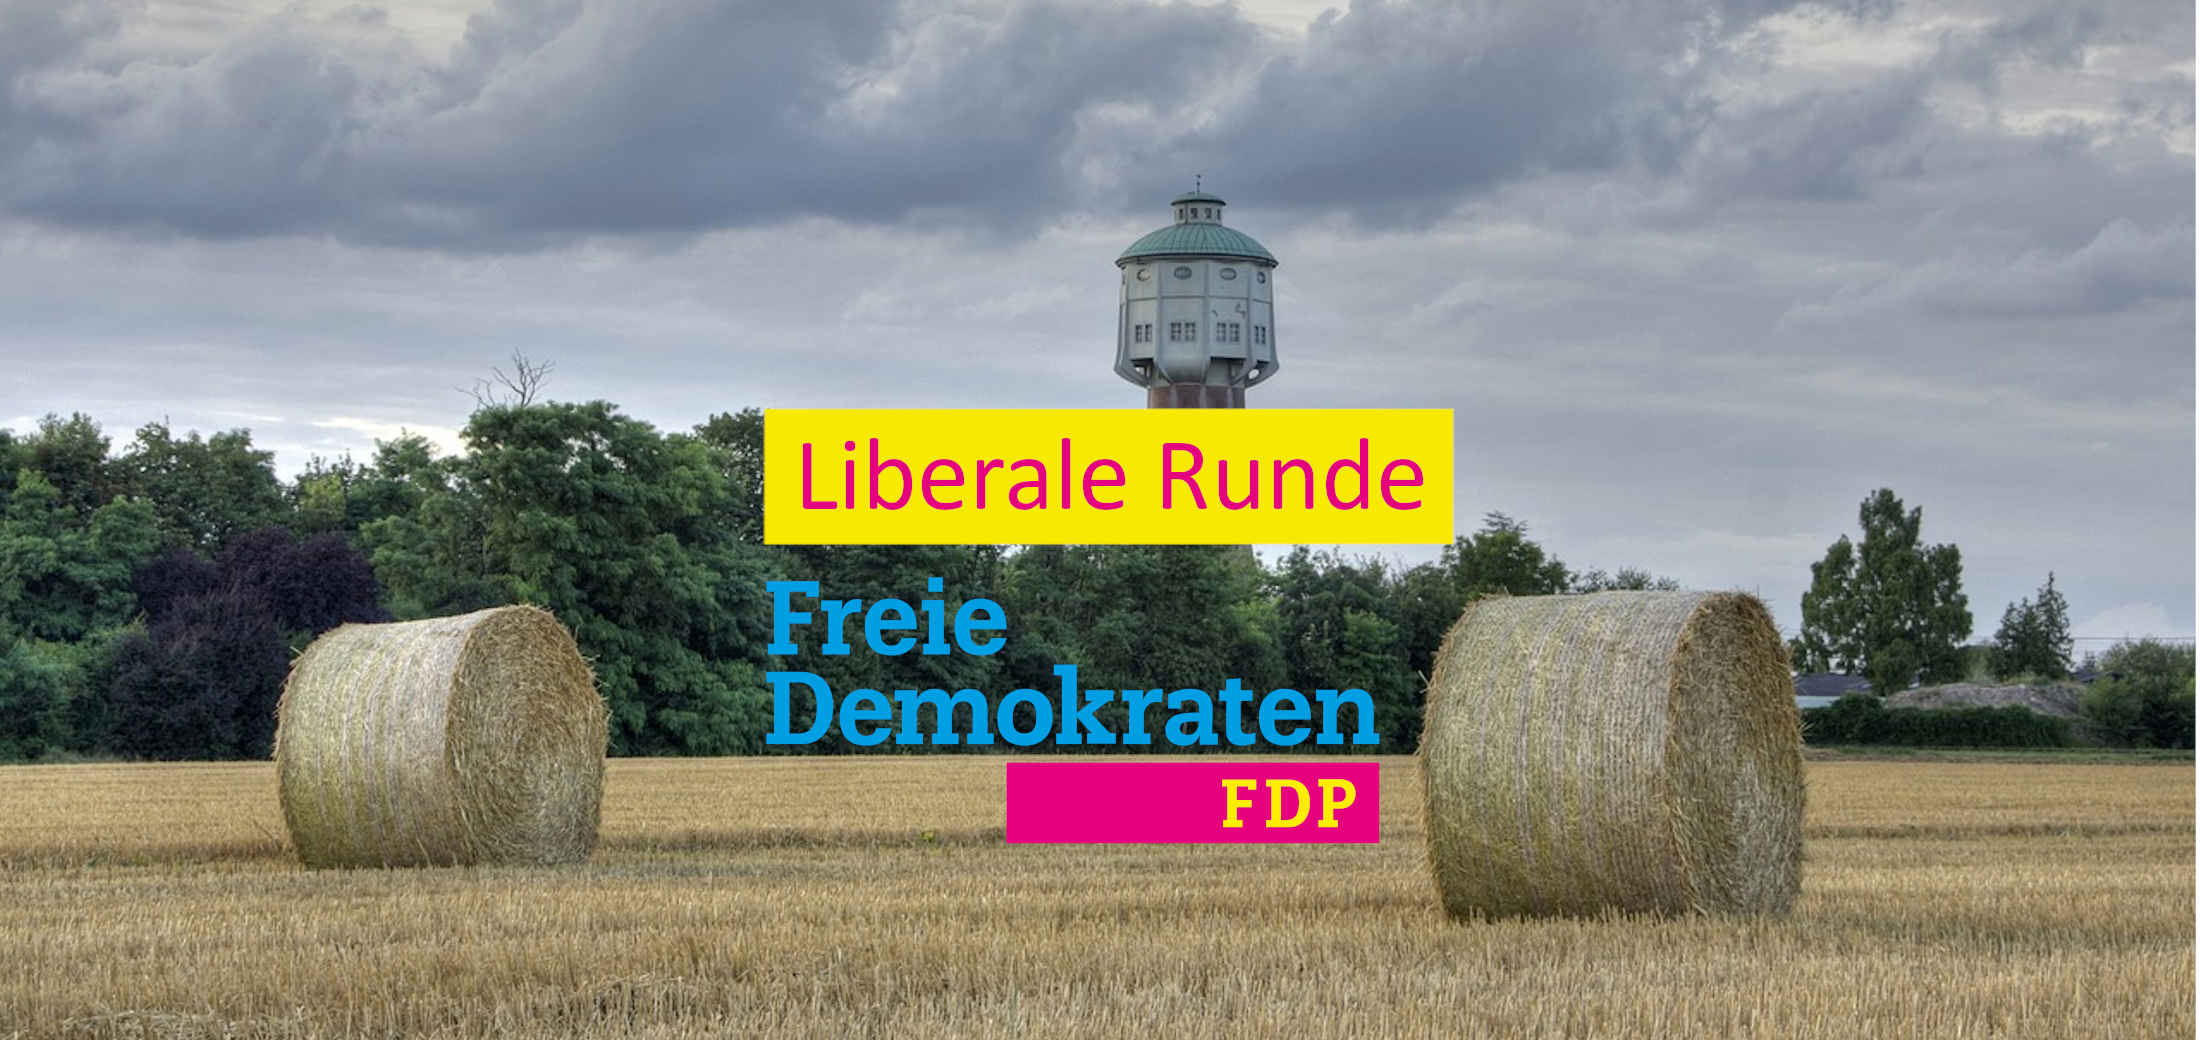 """Liberale Runde am 14.11.: """"Mehr mit uns reden statt über uns"""" – Landwirte im Dialog"""